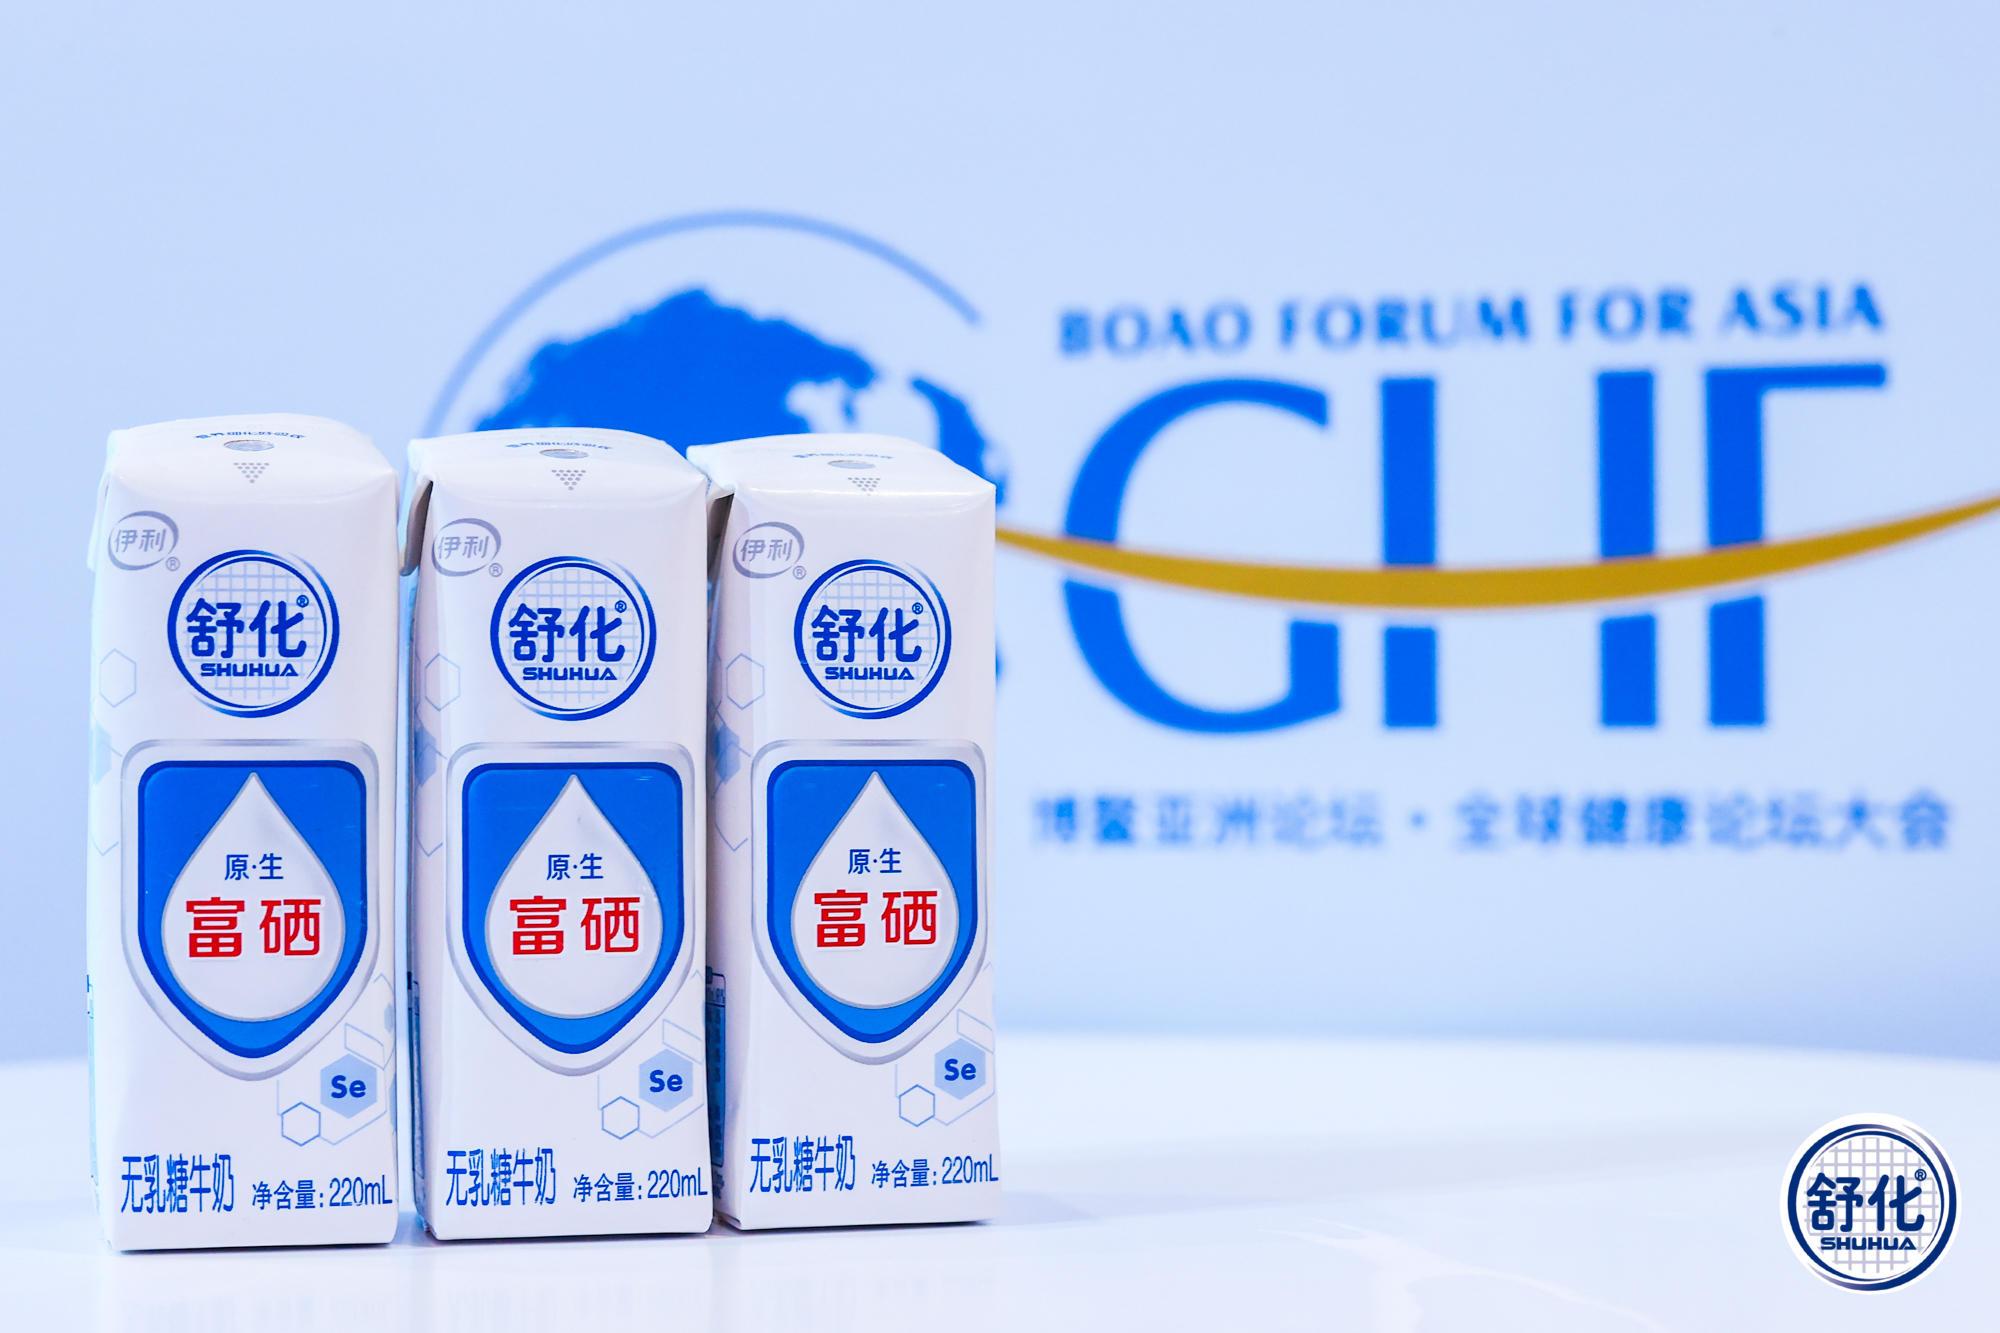 《2020亚洲品牌足迹报告》发布:13亿消费者信赖之选,伊利连续六年稳居榜首